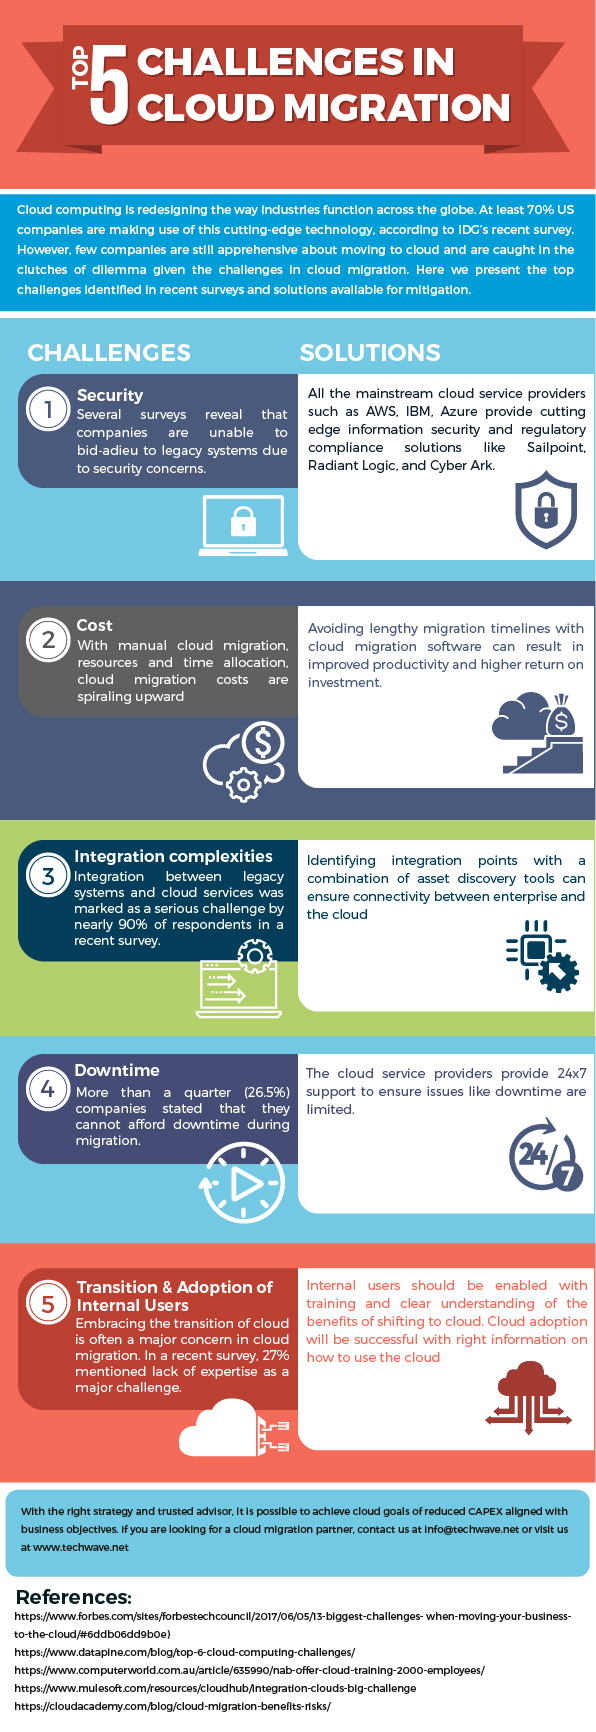 Top 5 Challenges in Cloud Migration